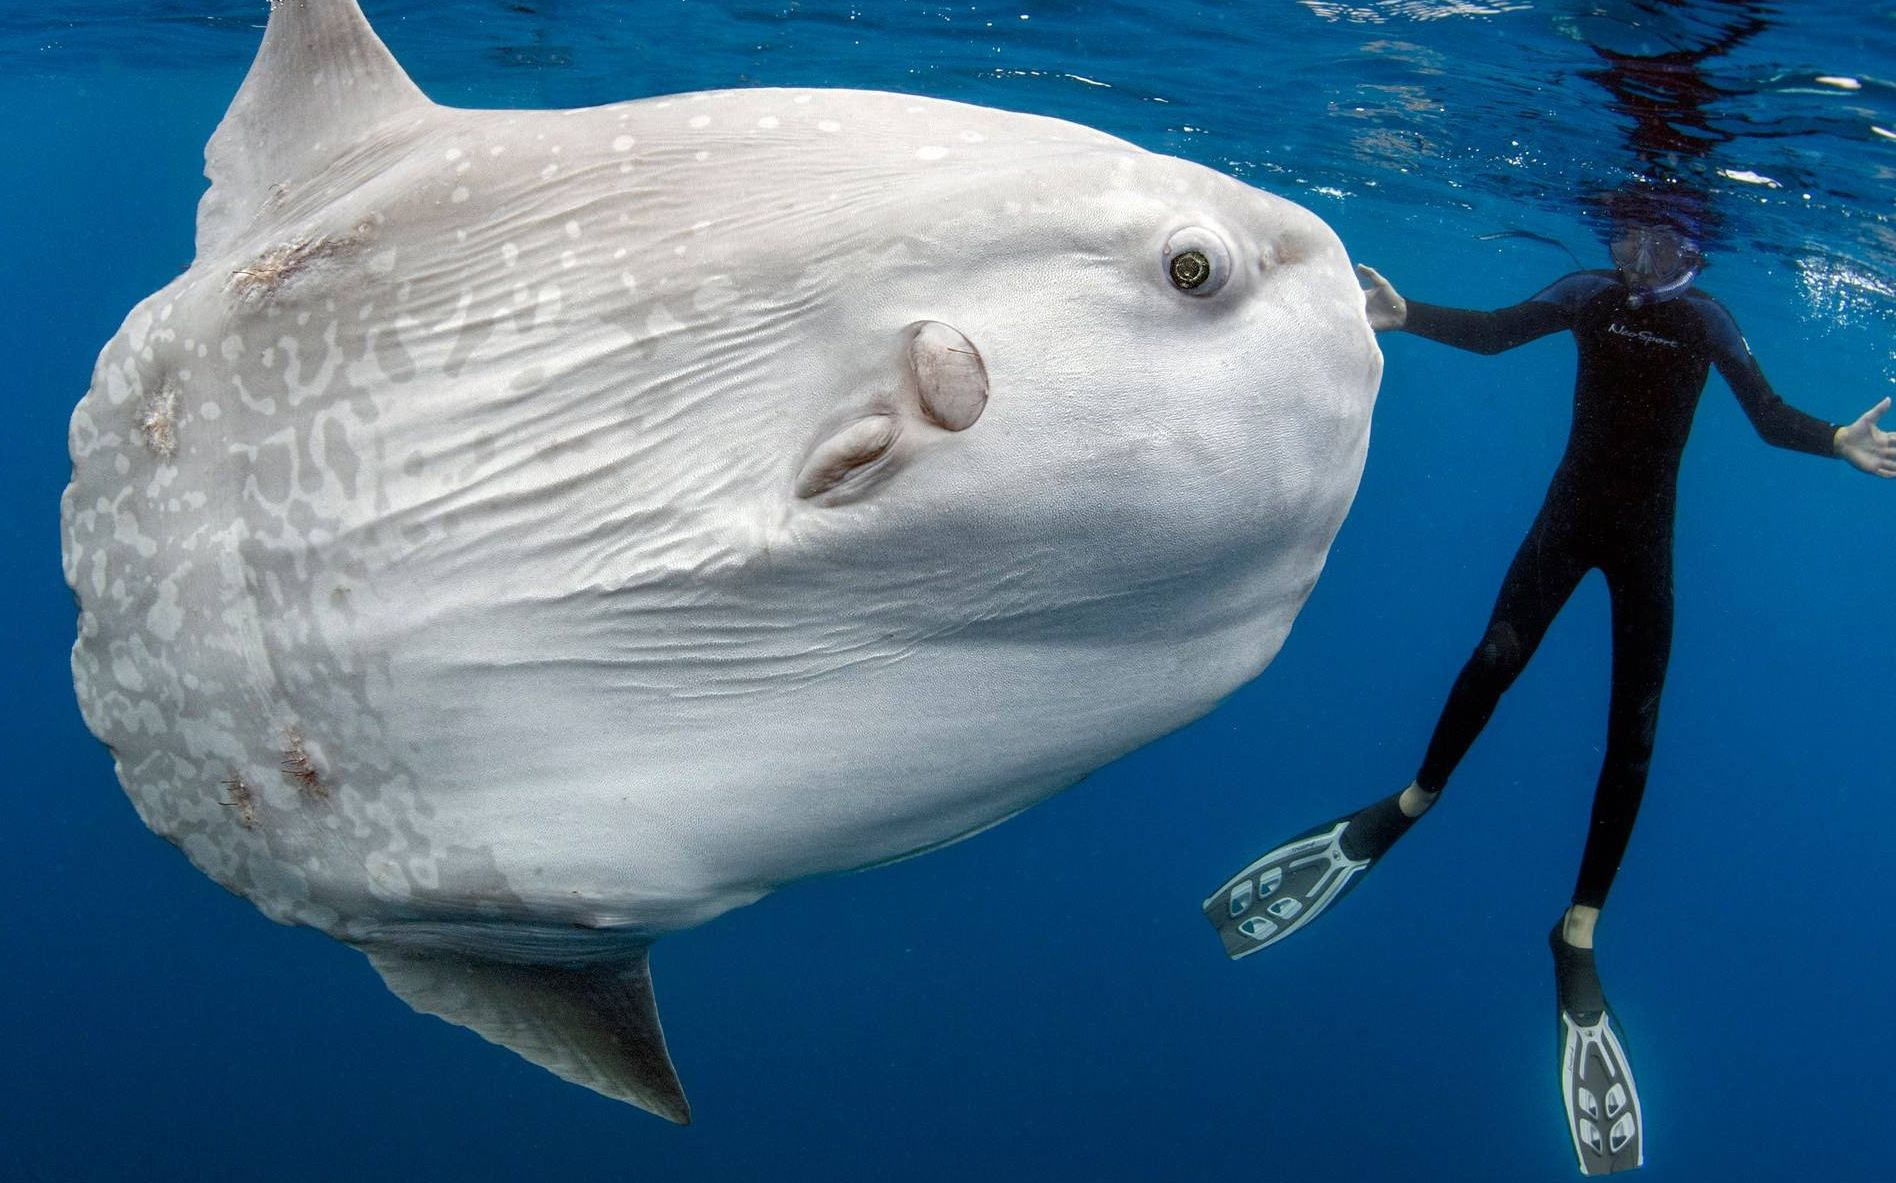 海钓偶遇大型翻车鱼,它一发力船就会翻了